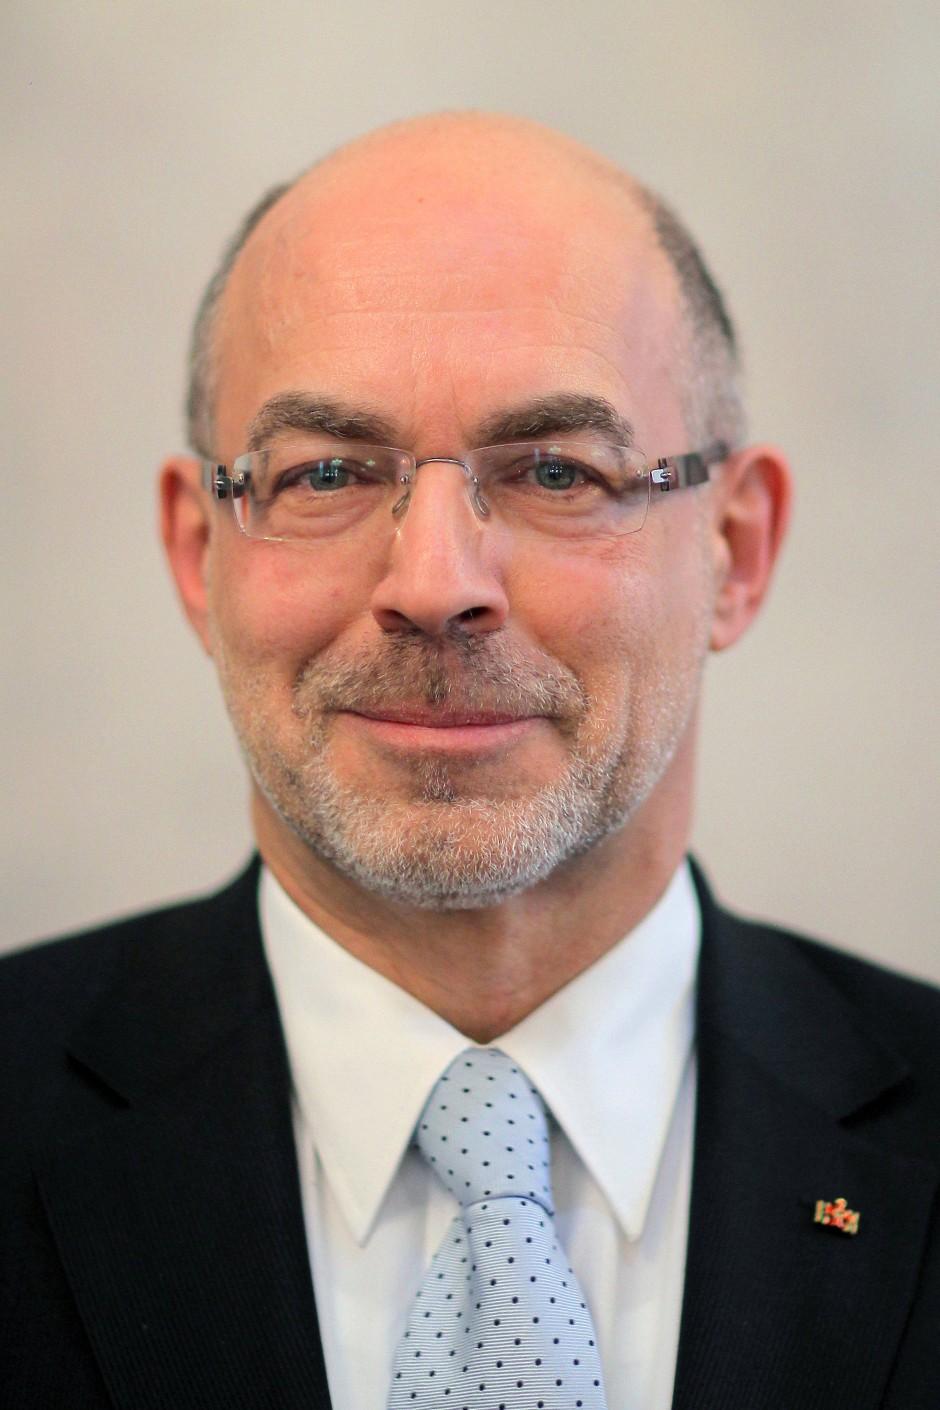 Dieter Bingen ist Politikwissenschaftler und Zeithistoriker; er leitete von 1999 bis 2019 das Deutsche Polen-Institut.